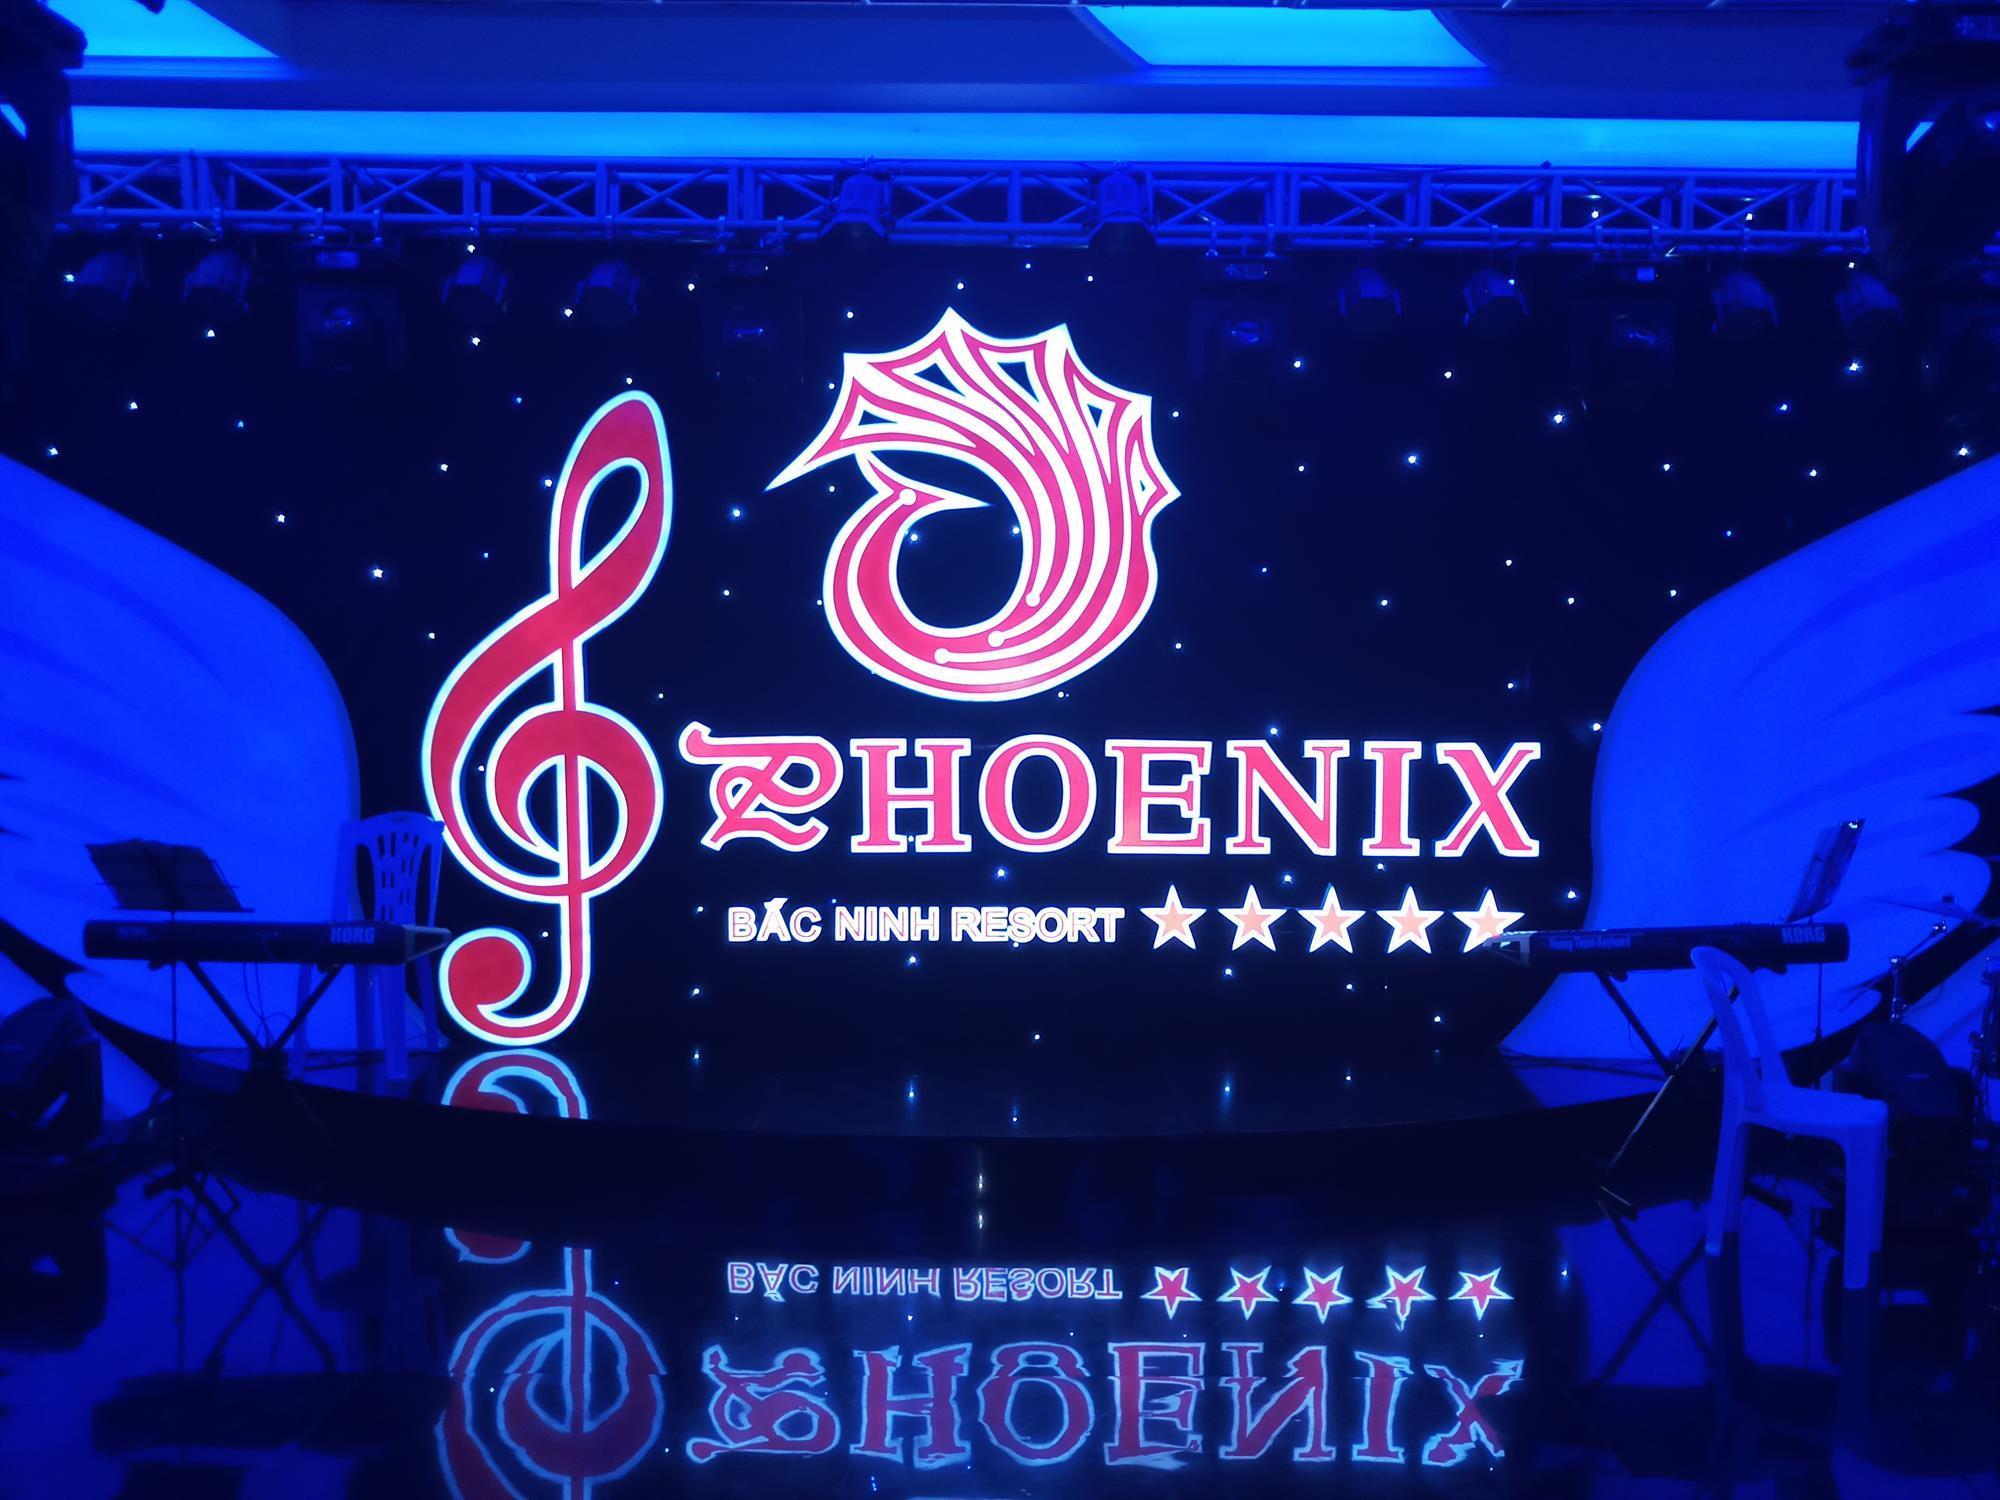 Bolero - Phoenix cuối tuần số 1 chủ đề Tình Đời đoạn 2